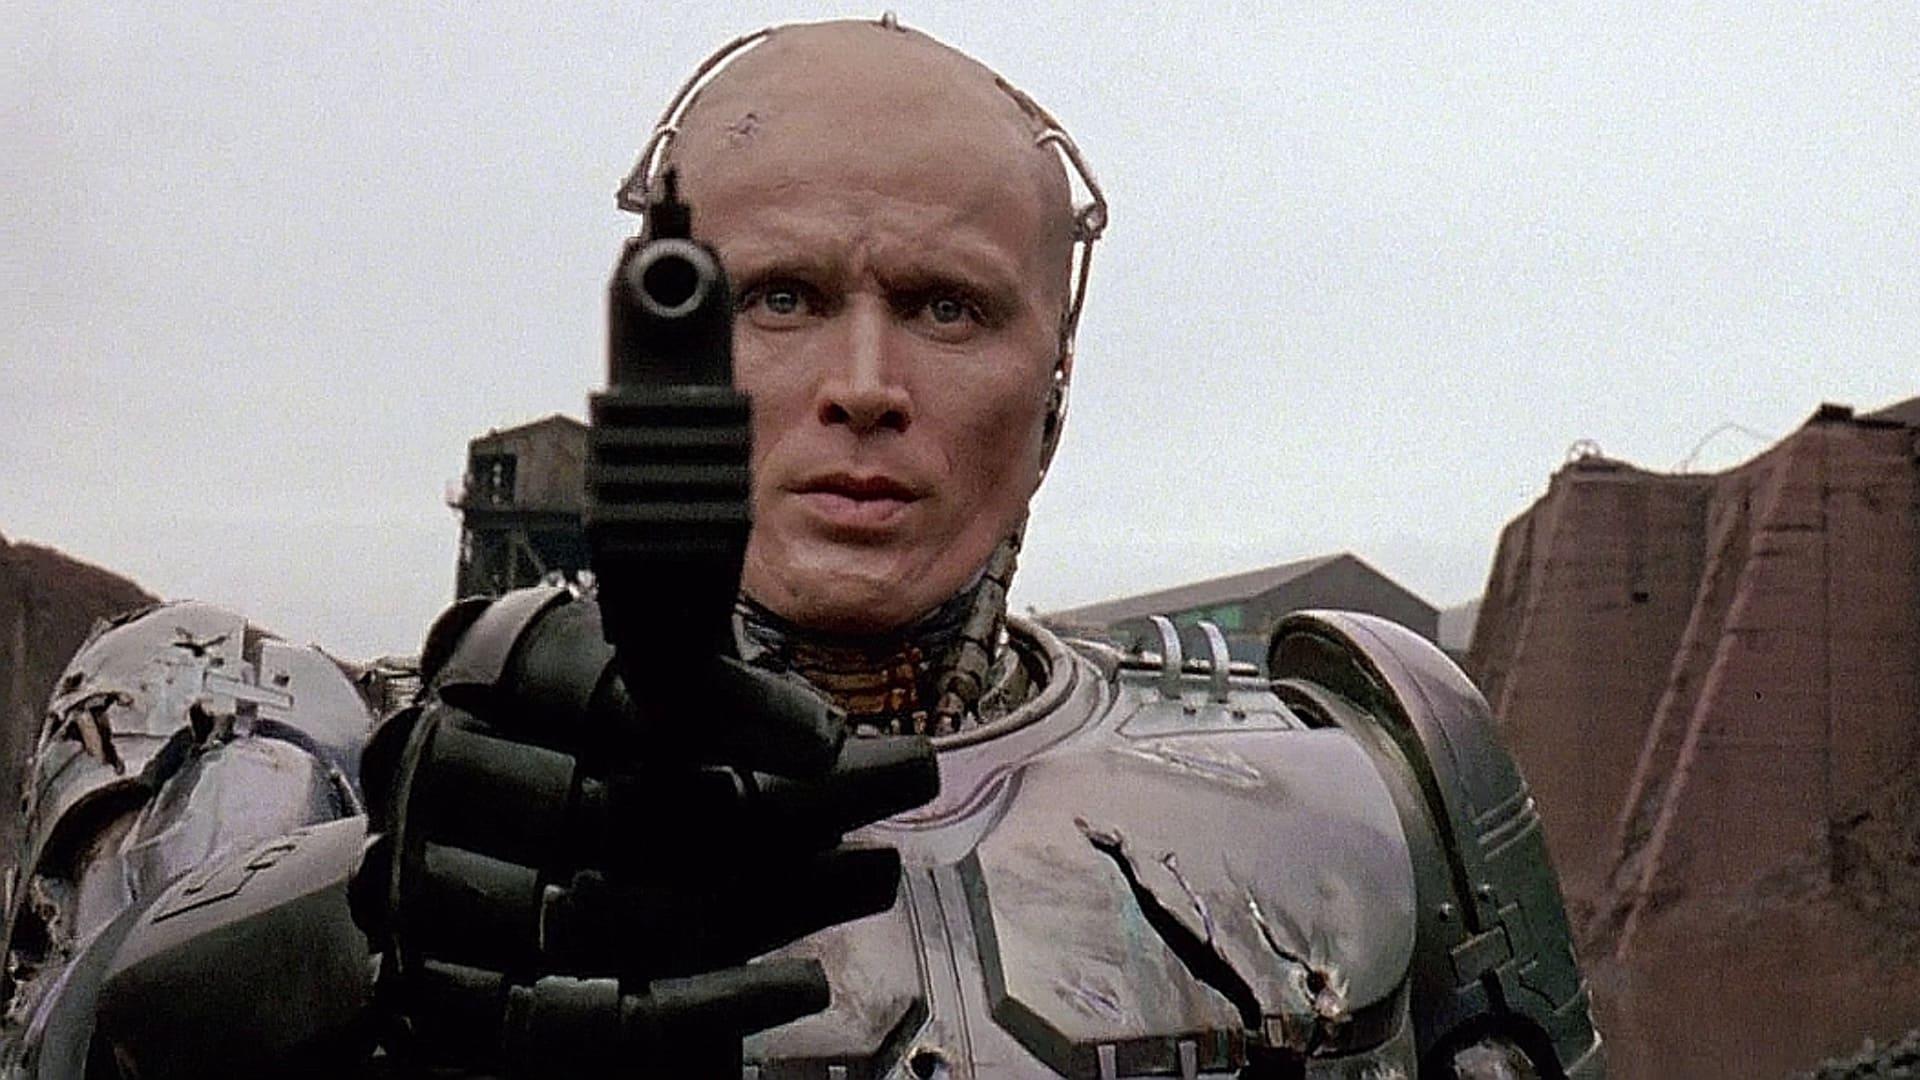 Neill Blomkamp's Sequel Might Star Peter Weller As RoboCop